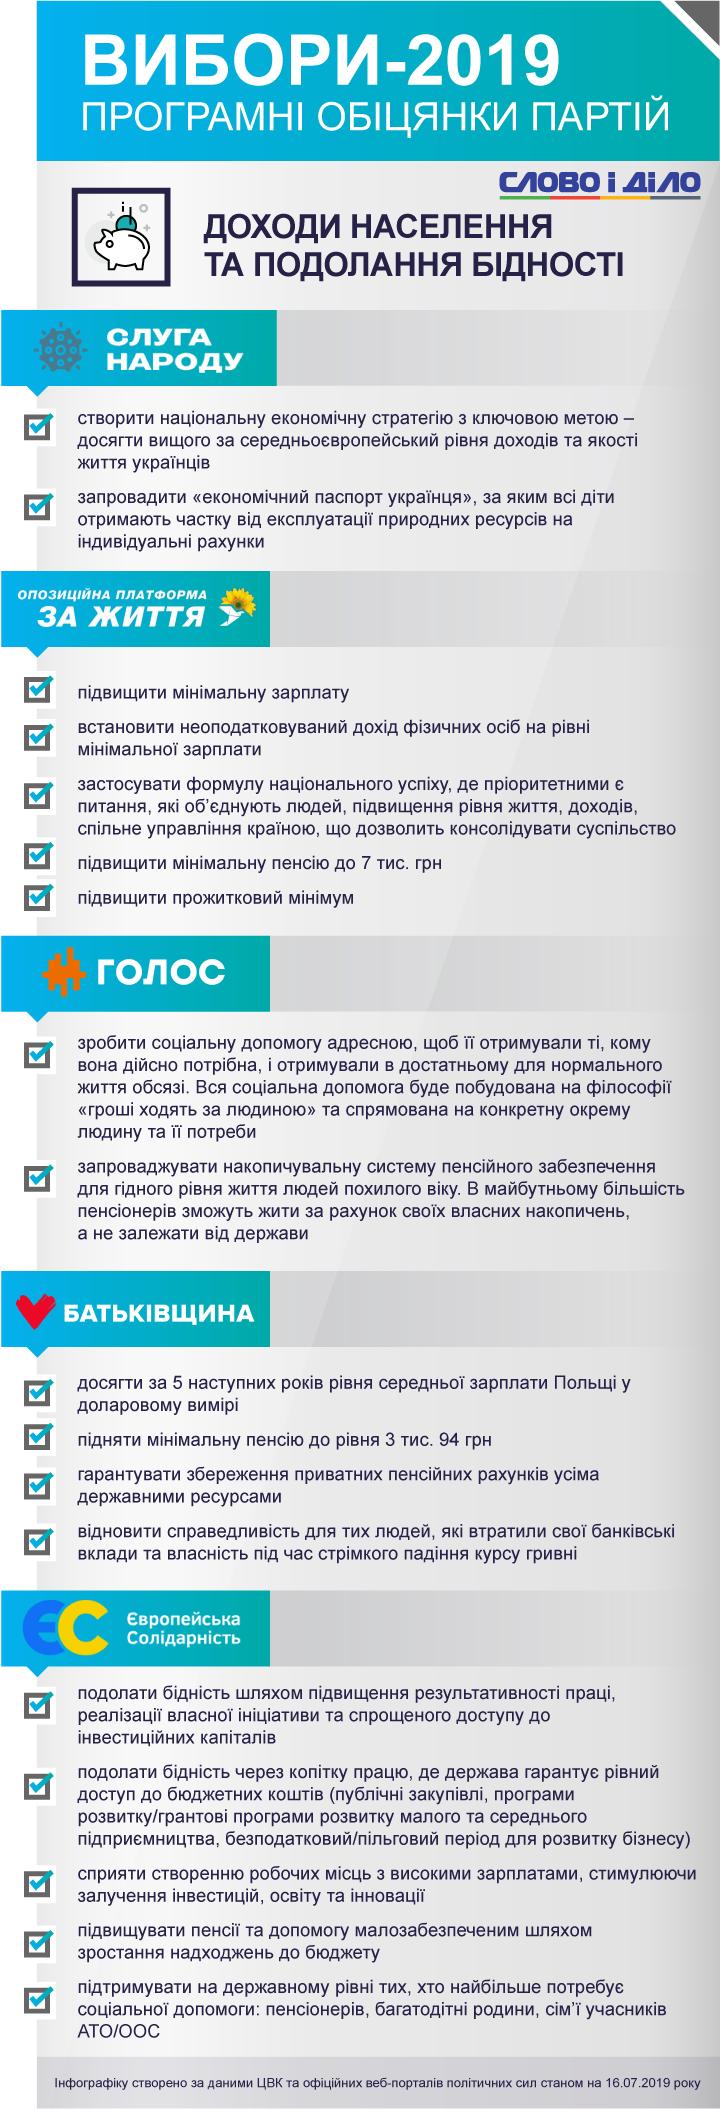 Как именно политические партии обещают побороть бедность в Украине